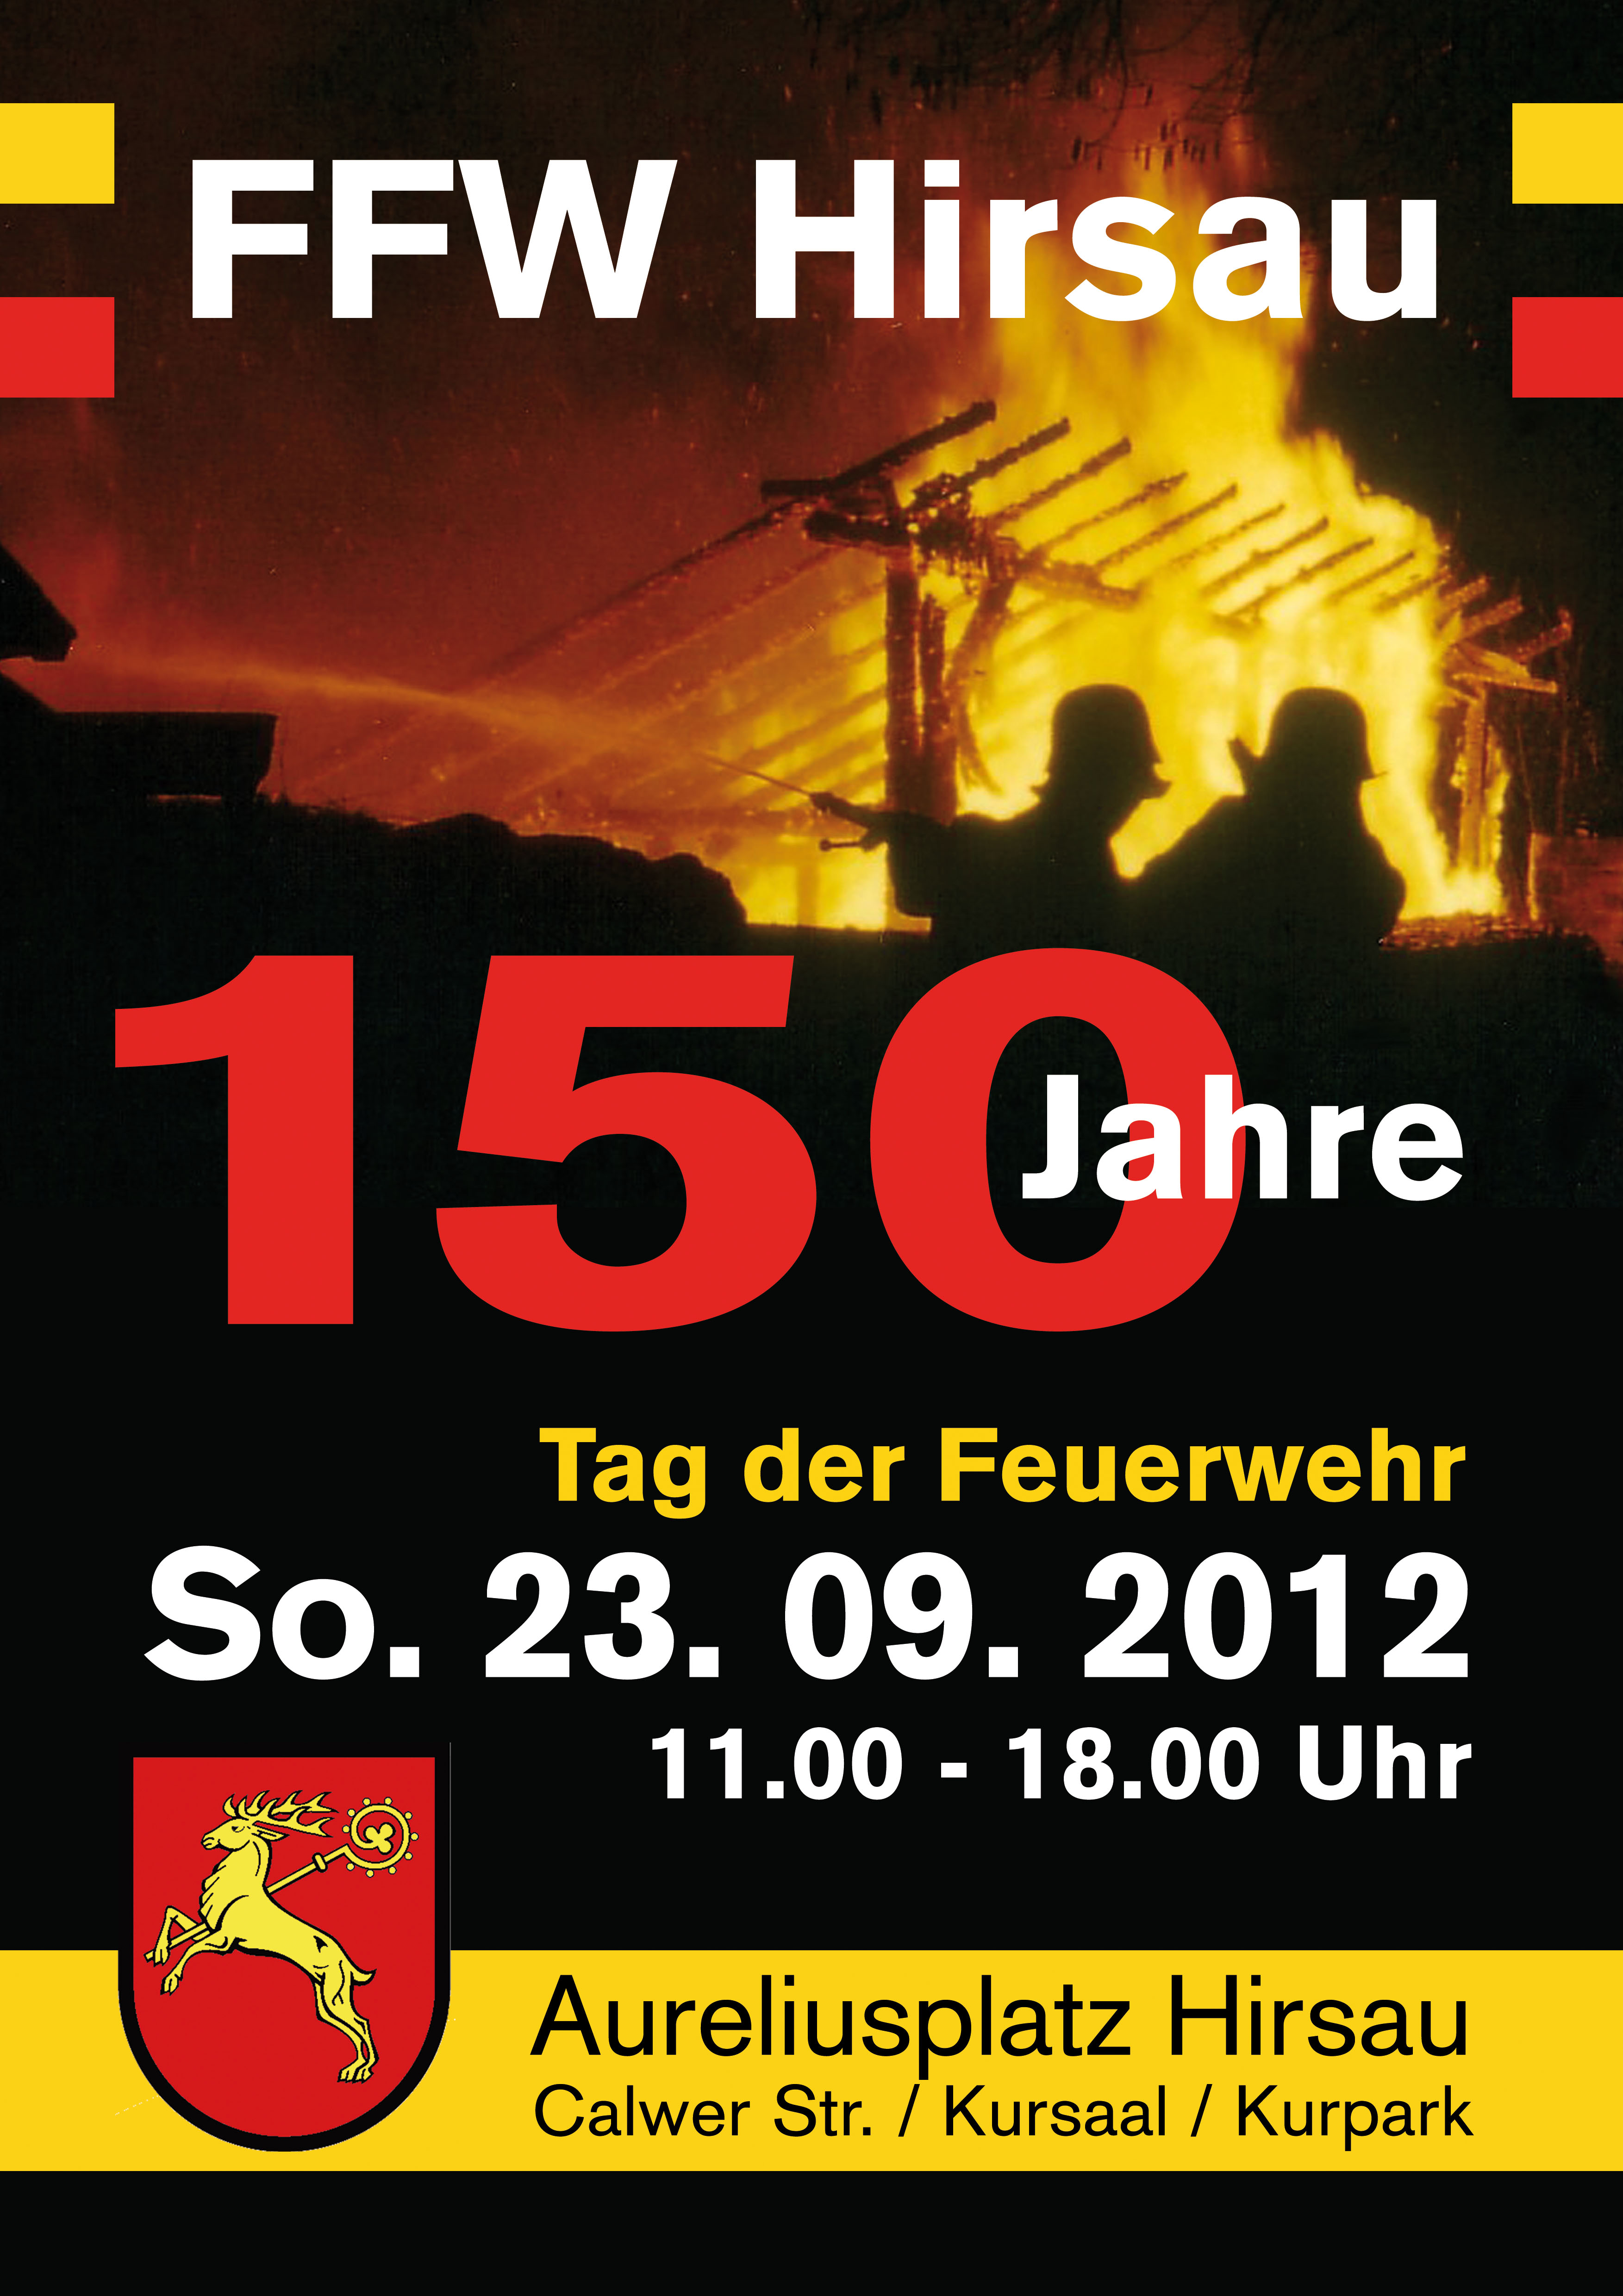 Tag der Feuerwehr 150 Jahre Feuerwehr Hirsau